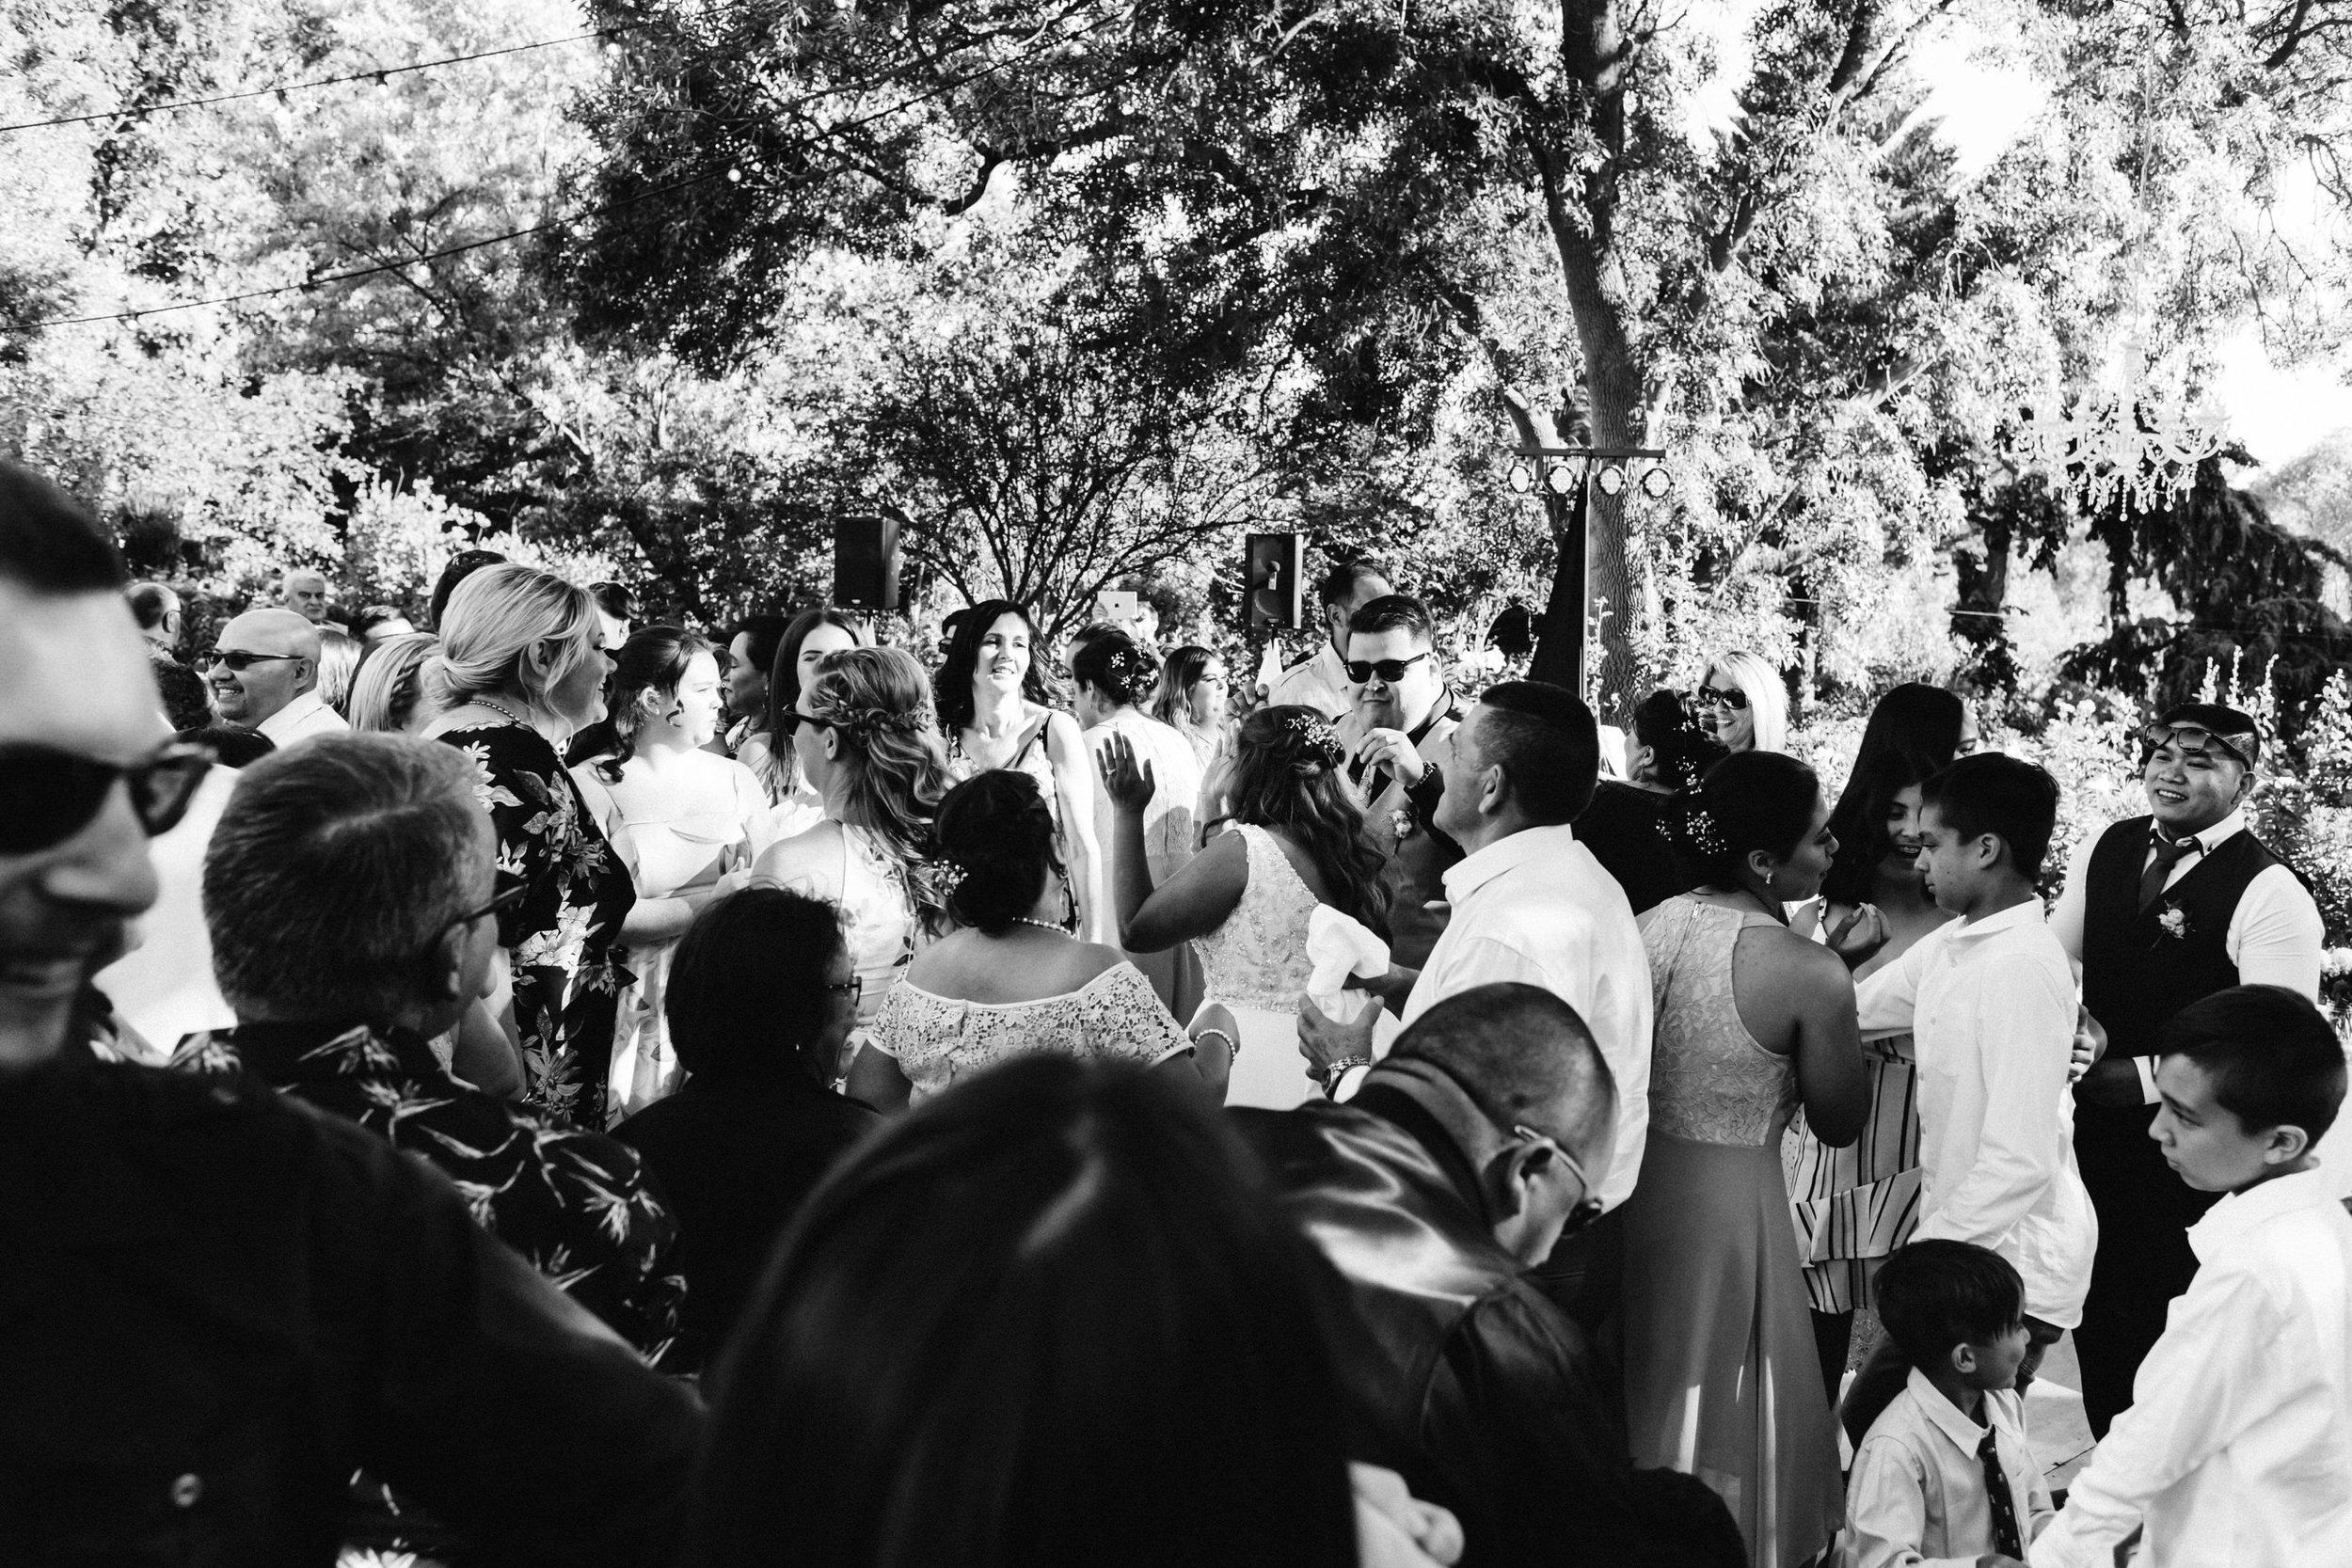 Al Ru Farm Summer Wedding 093.jpg